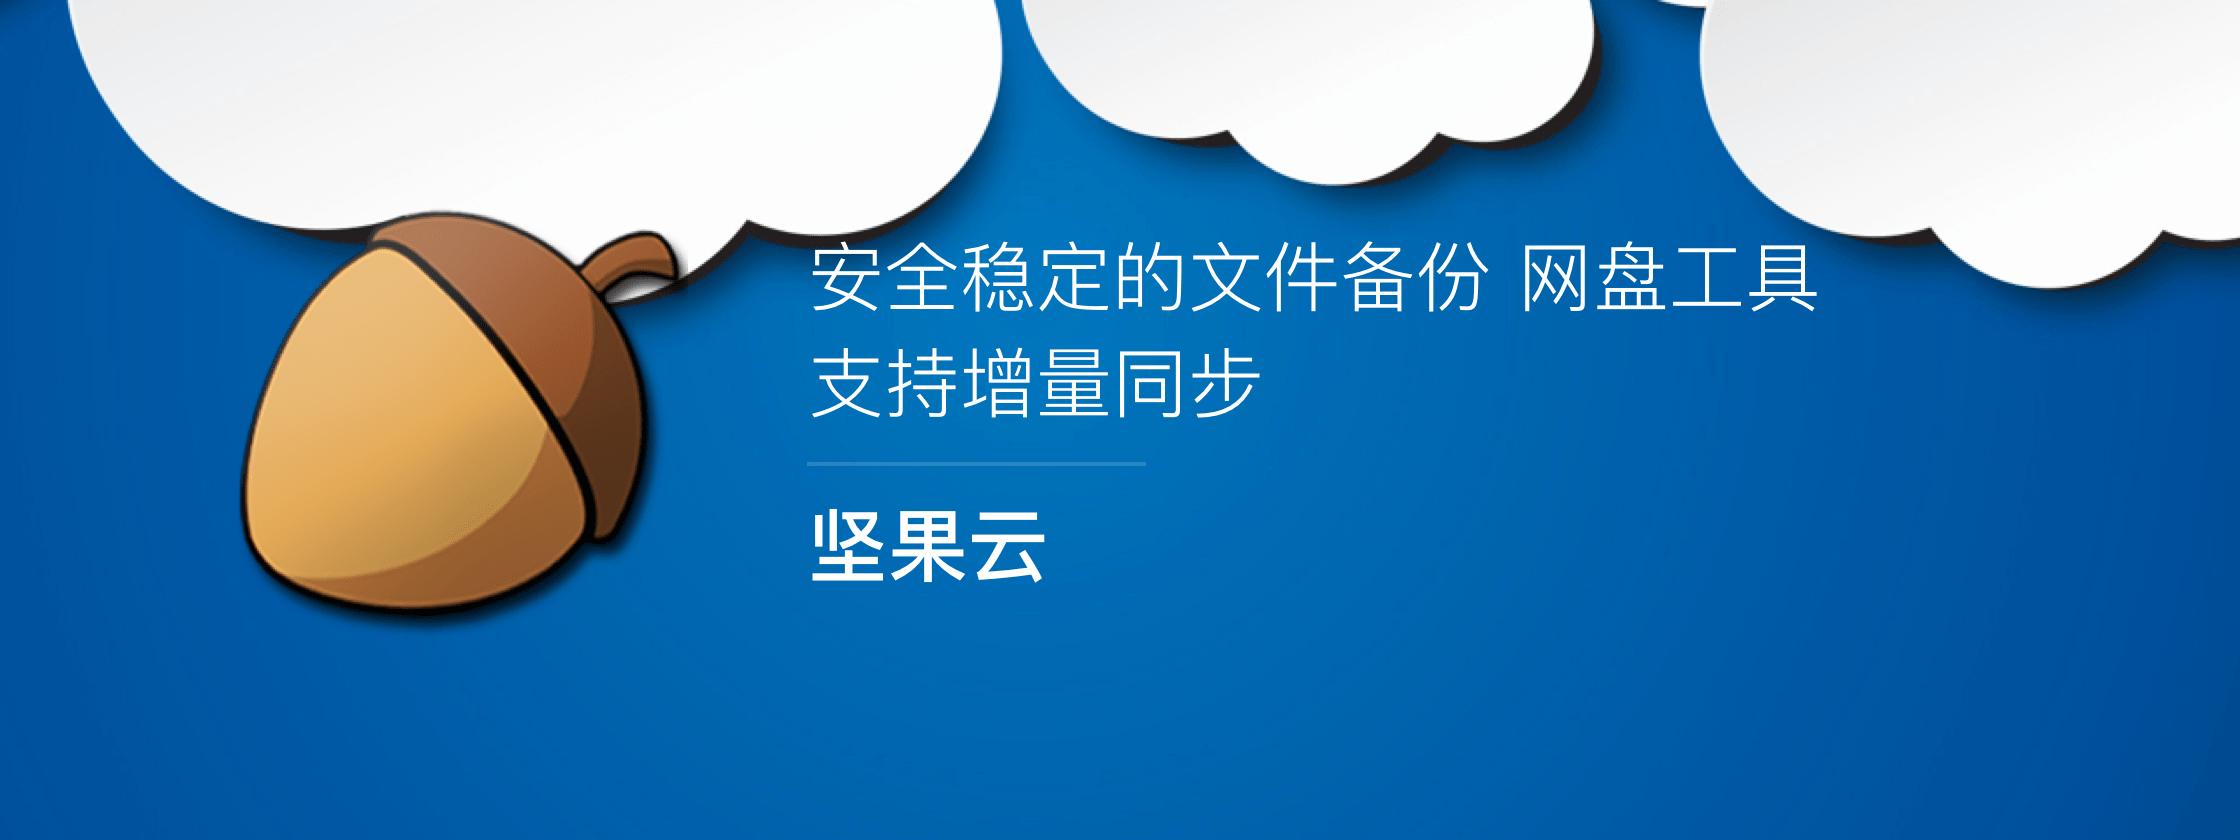 坚果云: 安全稳定的文件同步网盘工具,支持增量备份